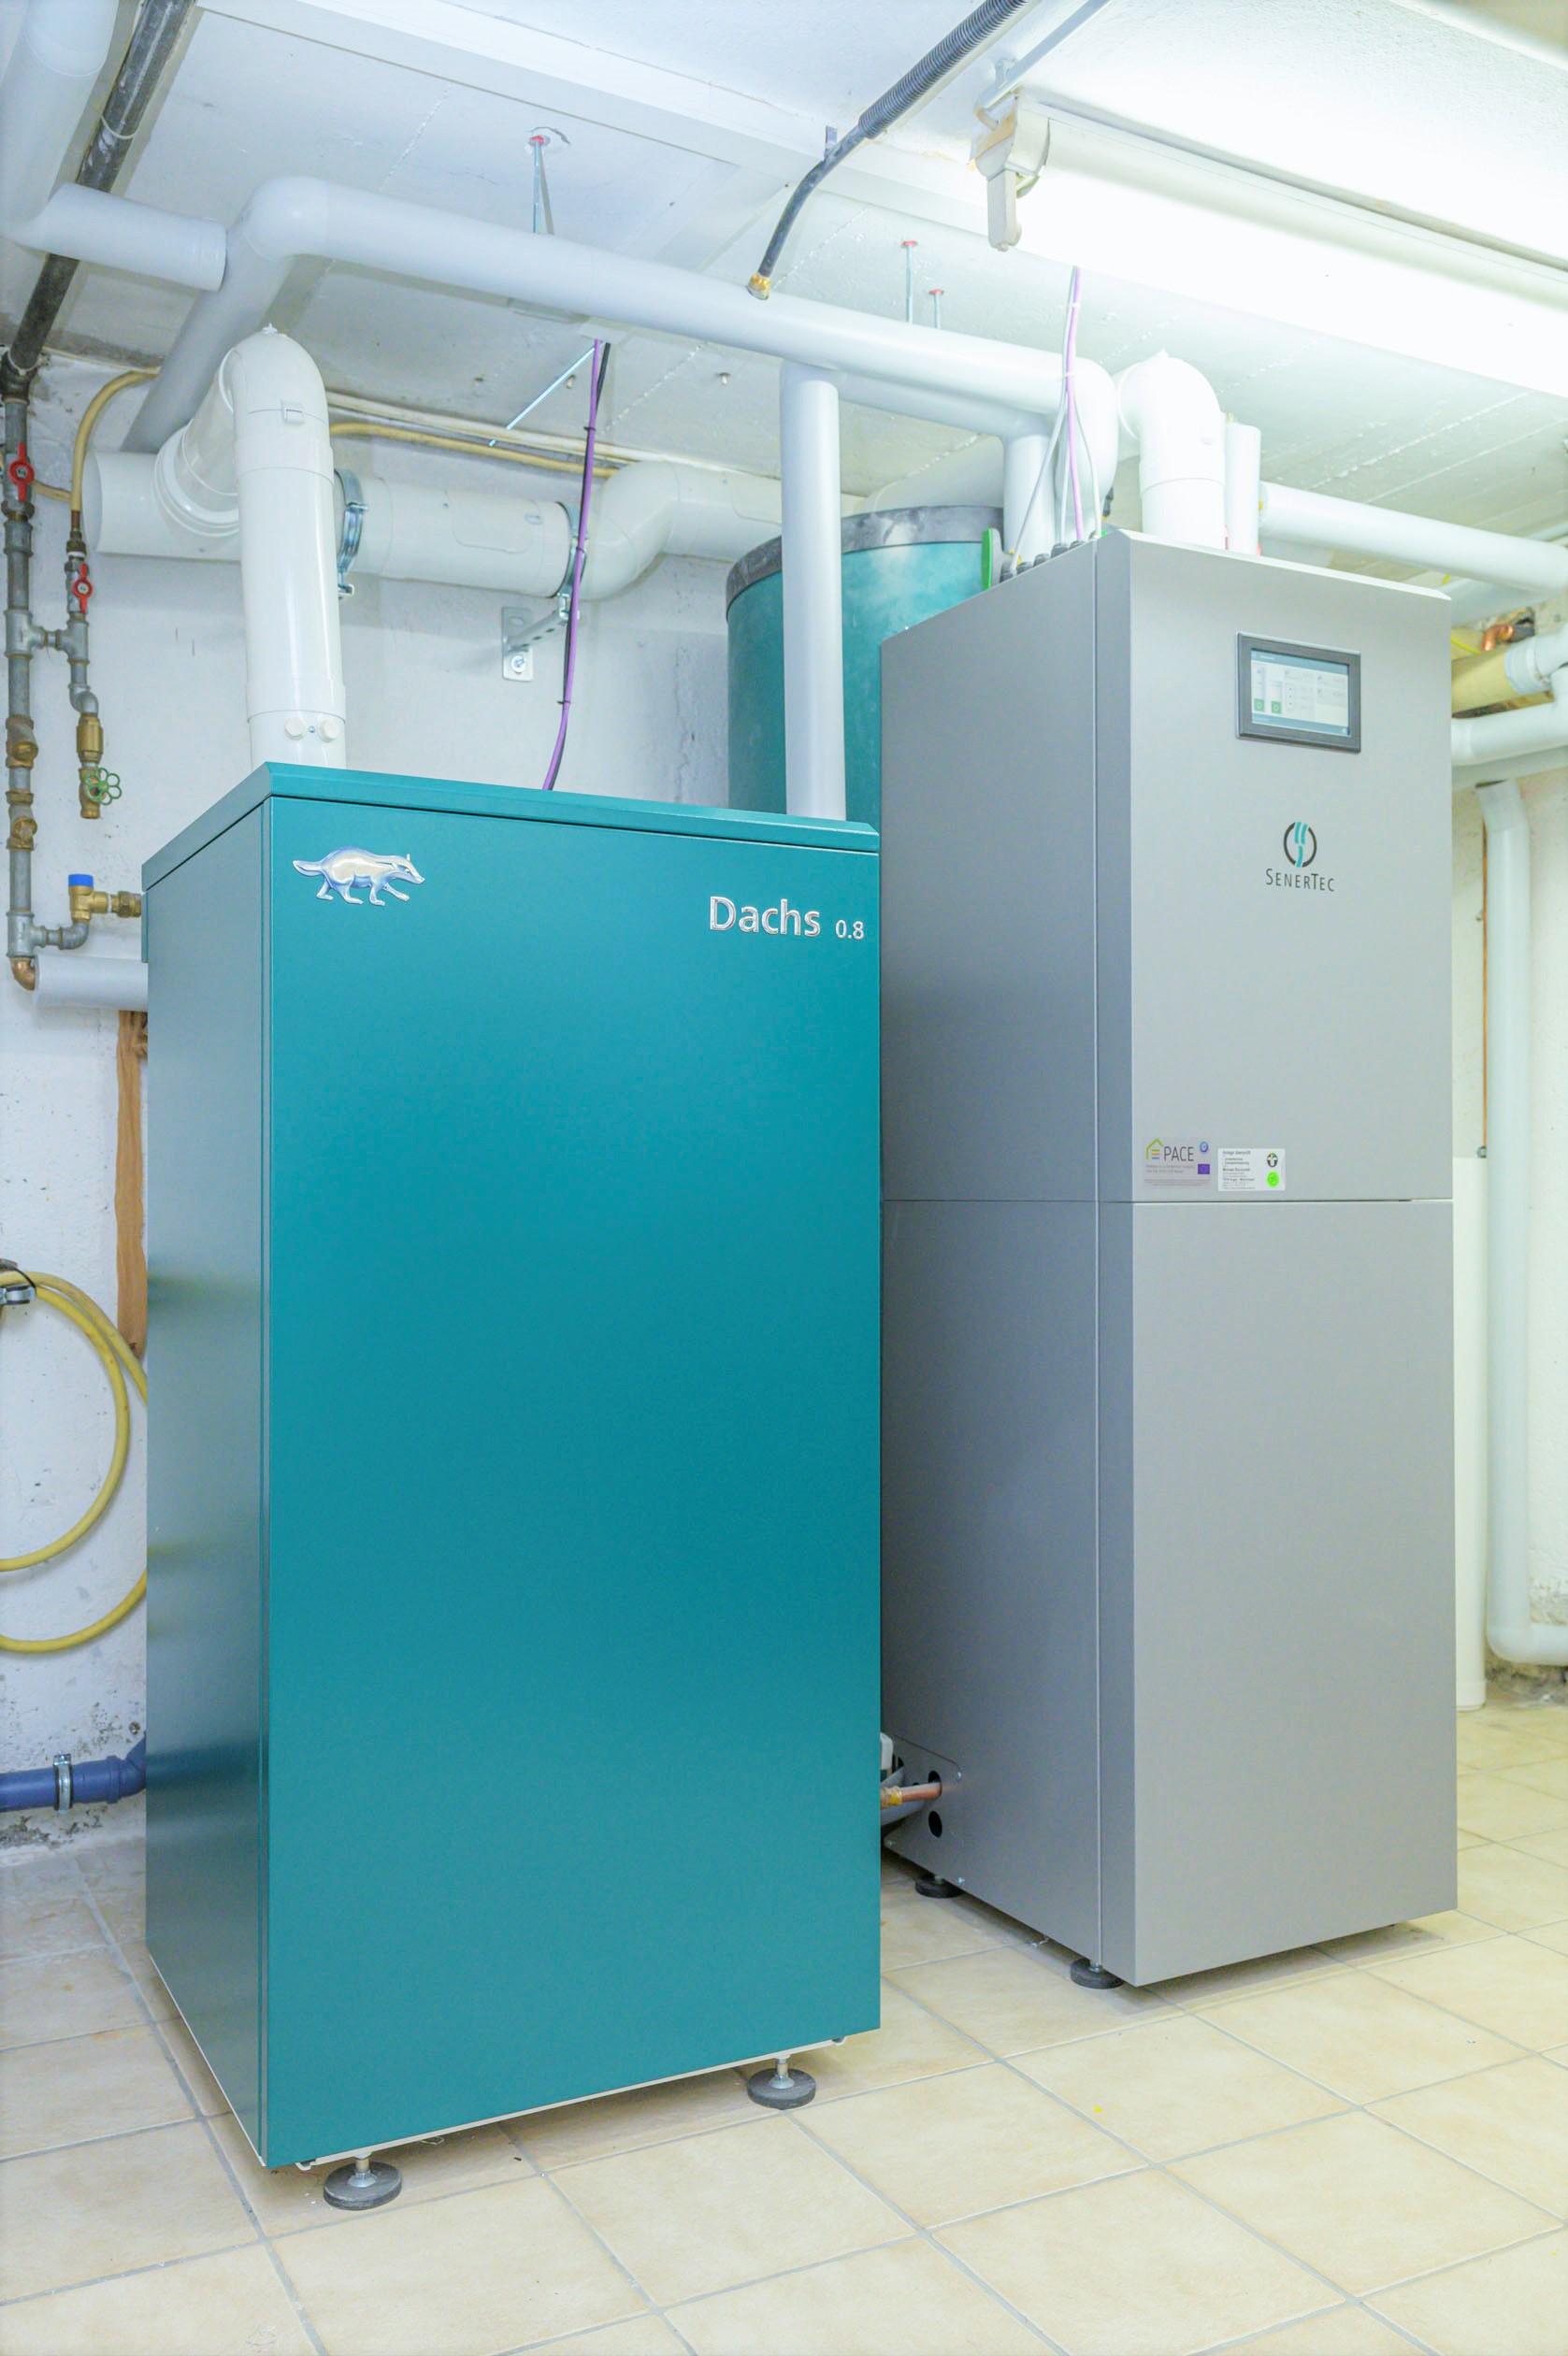 Der neue Dachs 0.8 mit Brennstoffzellentechnologie. Einbausituation der stromerzeugenden Heizung in einem Keller.